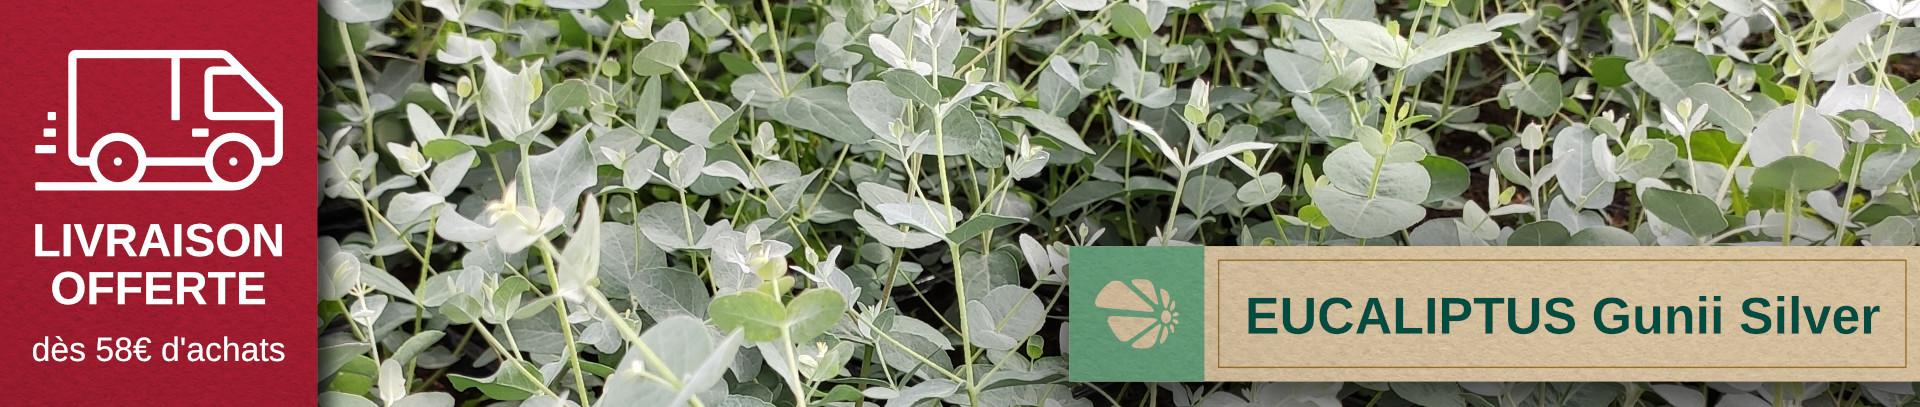 Très bel Eucaliptus gunii silver tropfen à feuillage argenté